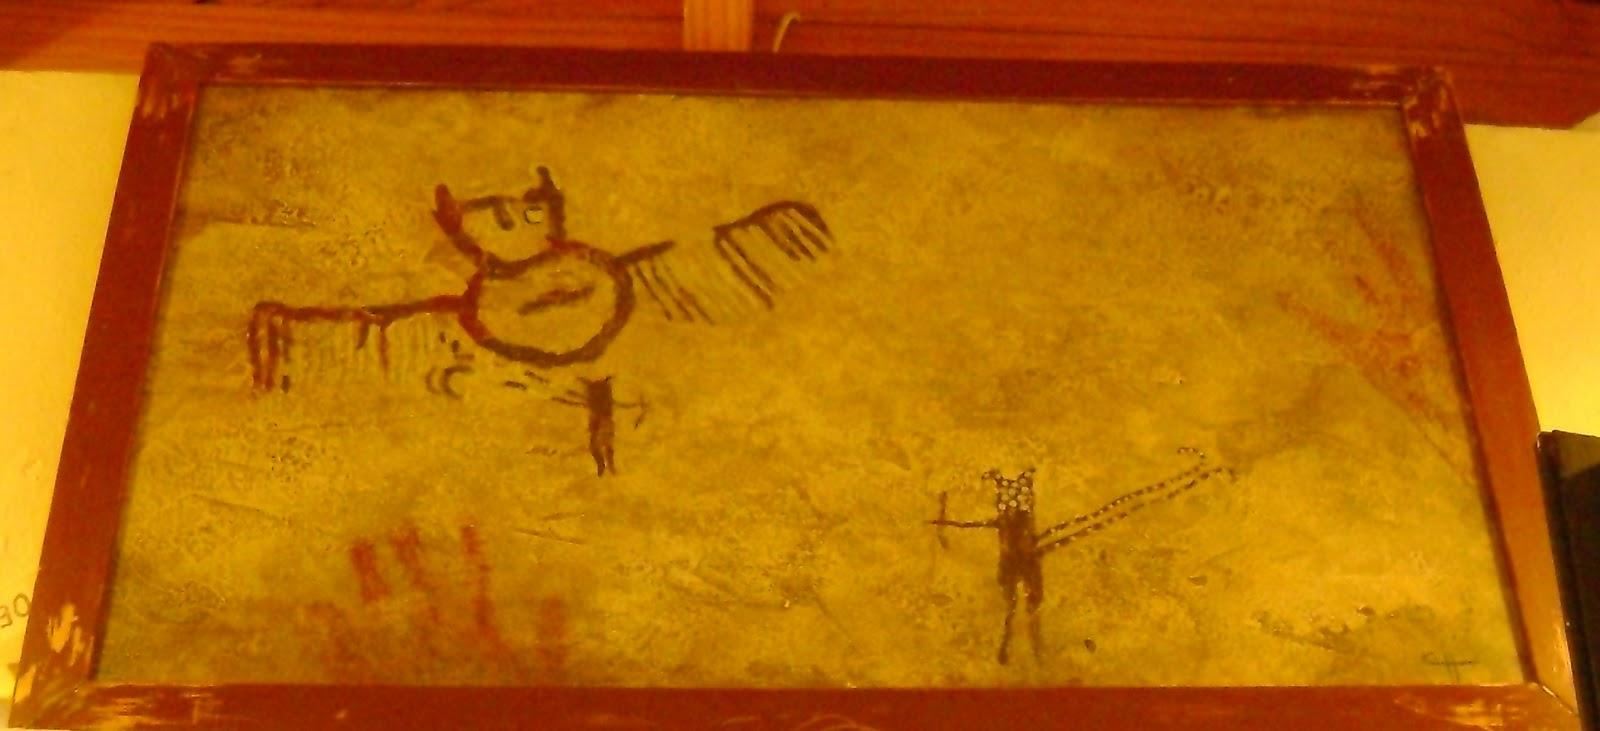 Fascin arte galeria de arte y decoraci n cuadros rupestre - Arte y decoracion ...